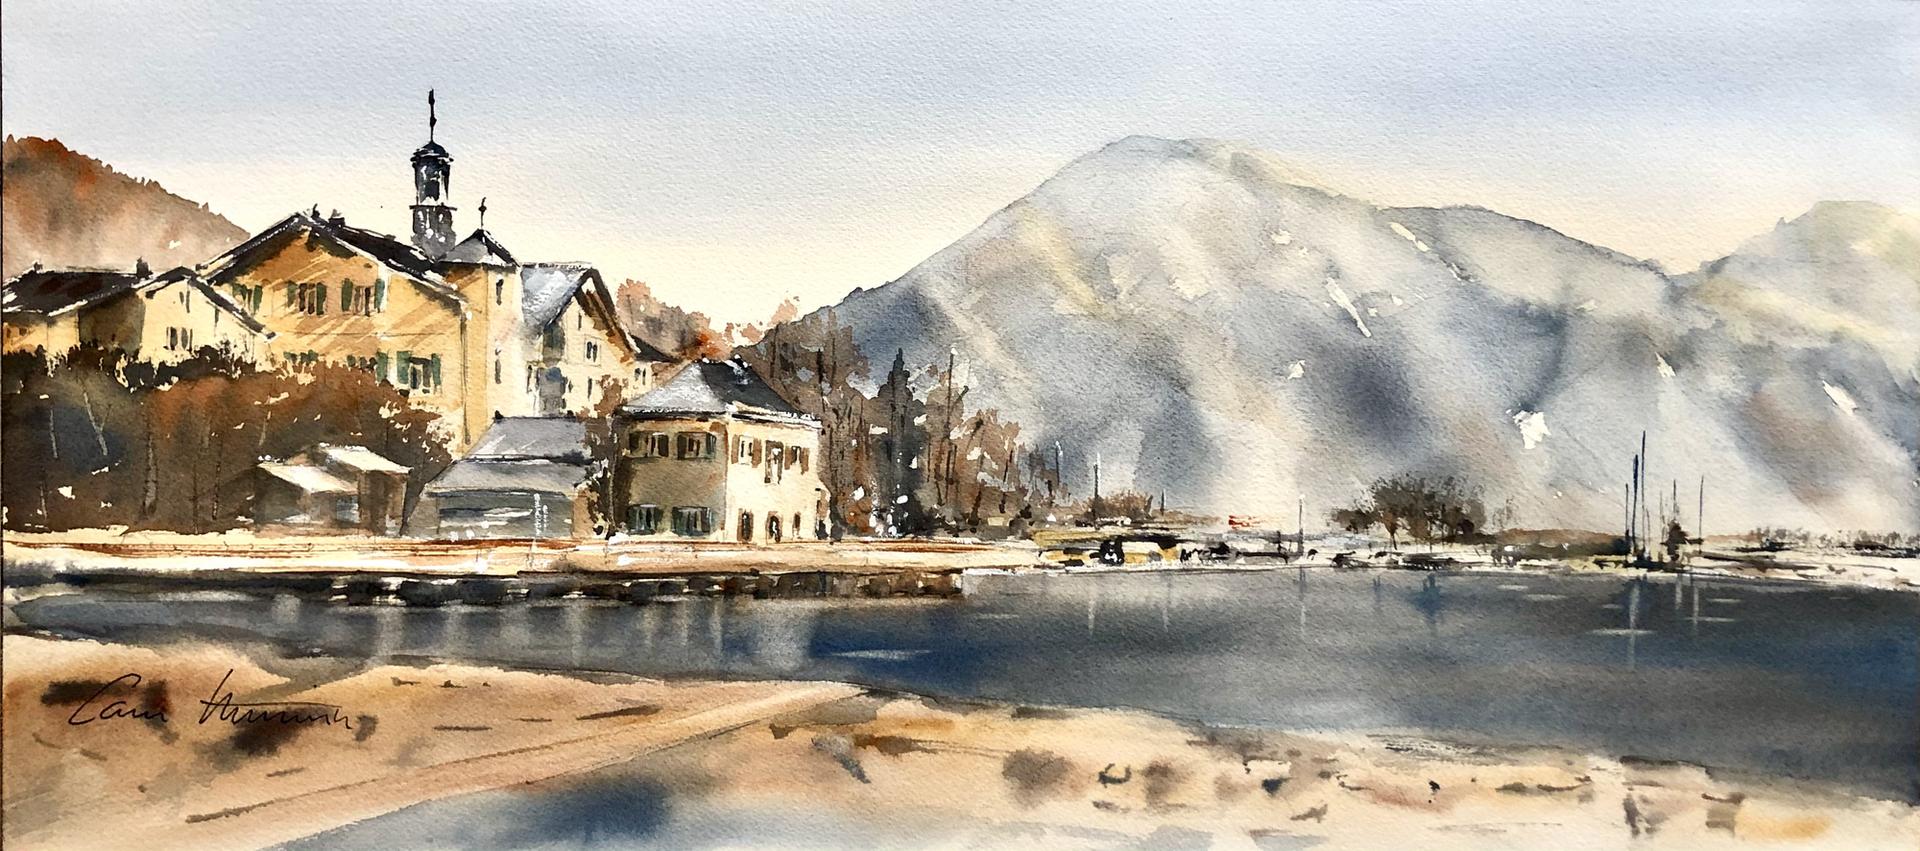 At Lake Tegernsee